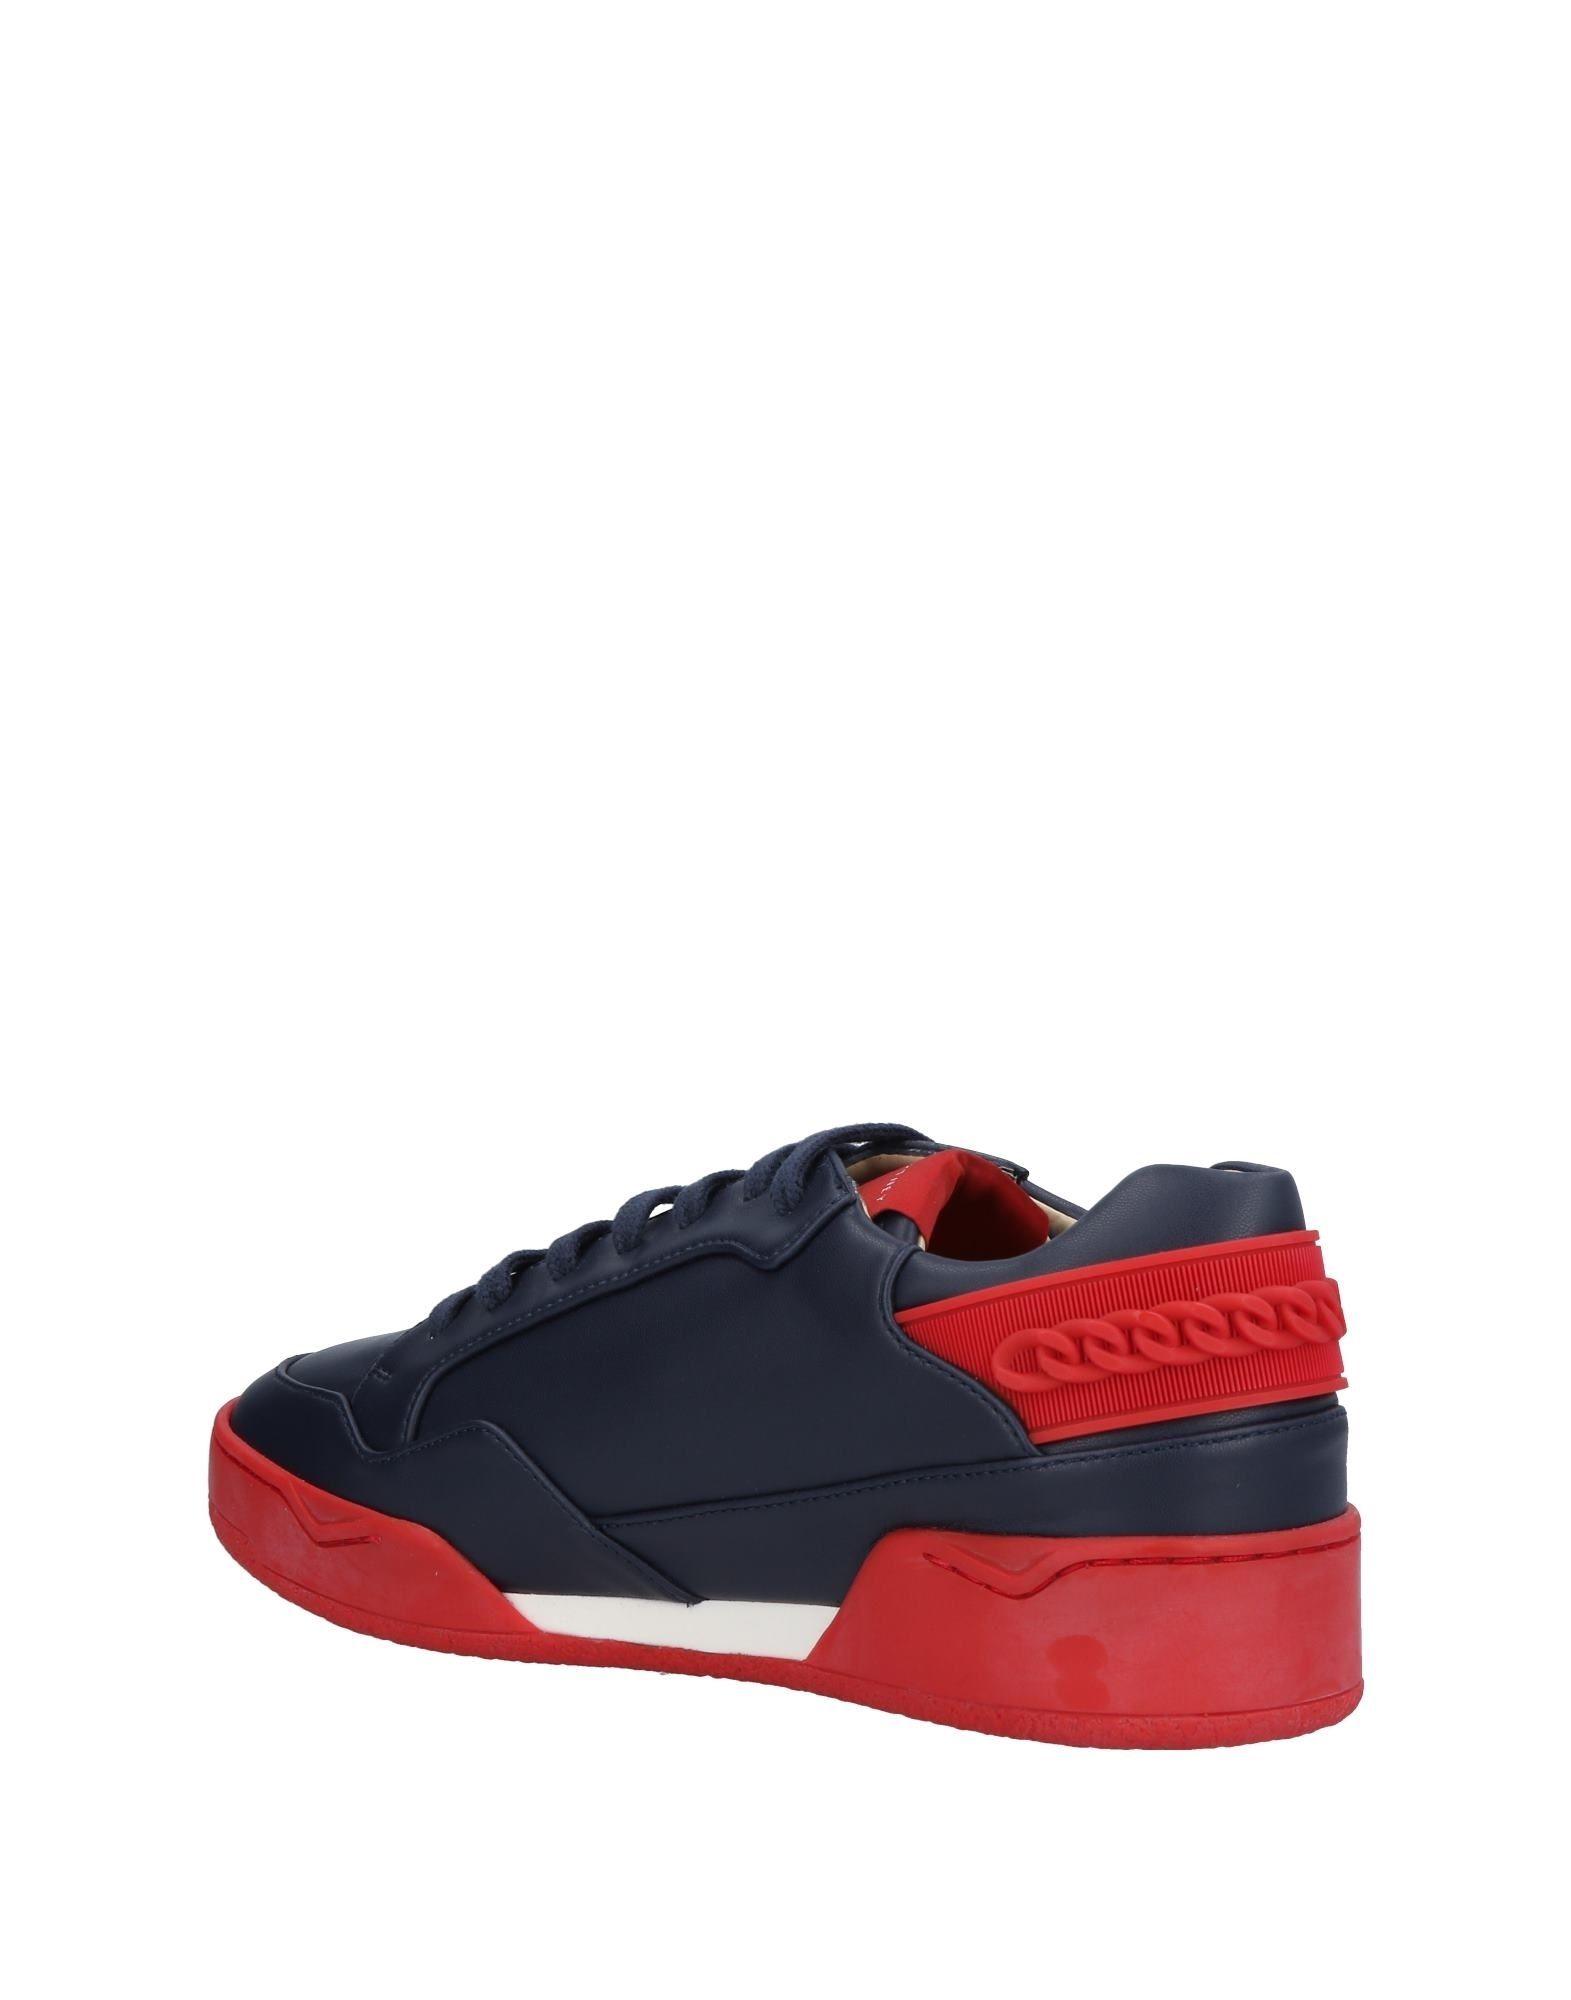 Stella Sneakers Mccartney Sneakers Stella Herren  11465453MT b702e4